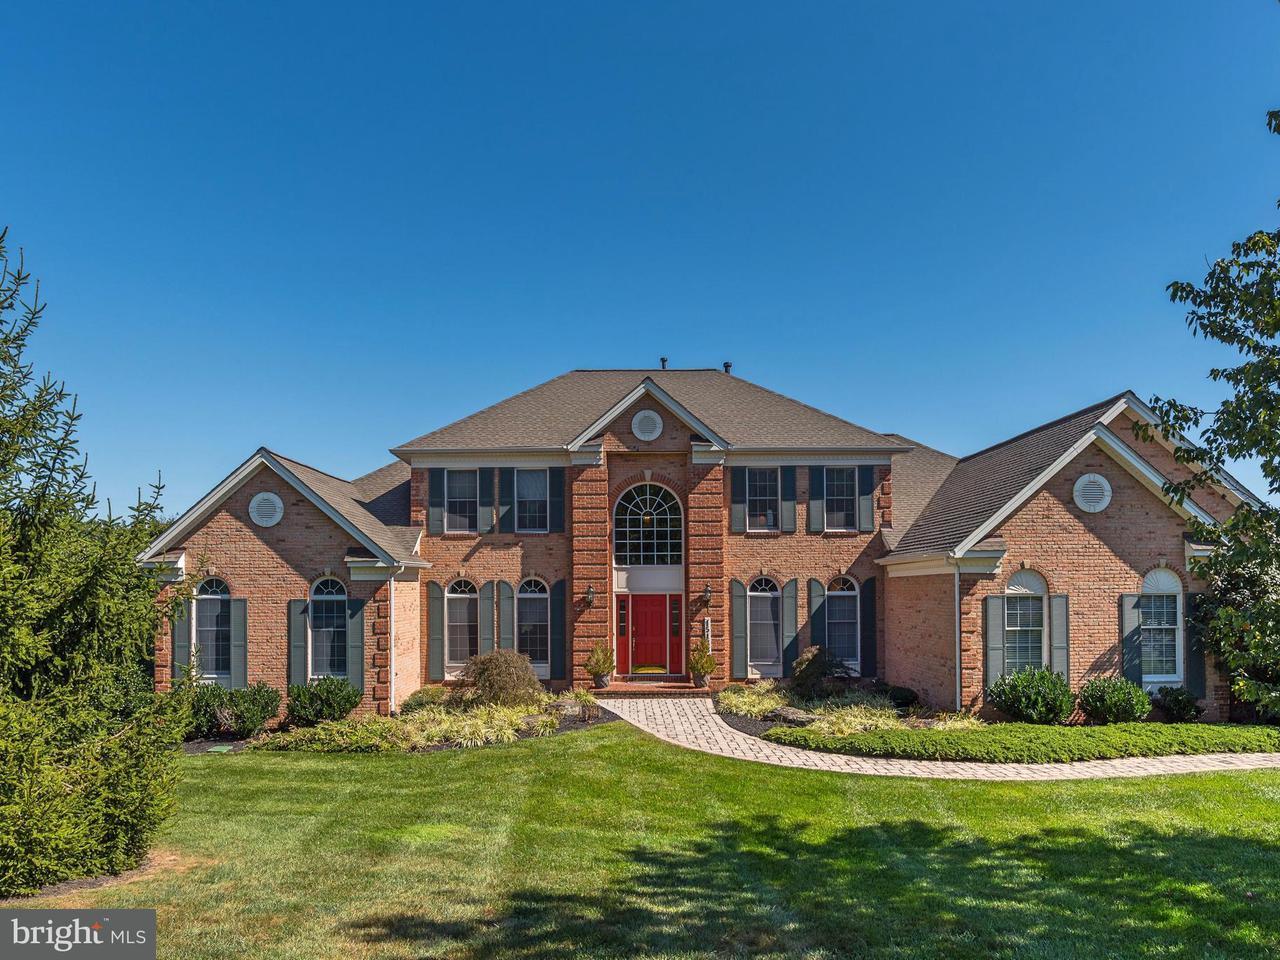 Villa per Vendita alle ore 15178 Sapling Ridge Drive 15178 Sapling Ridge Drive Dayton, Maryland 21036 Stati Uniti